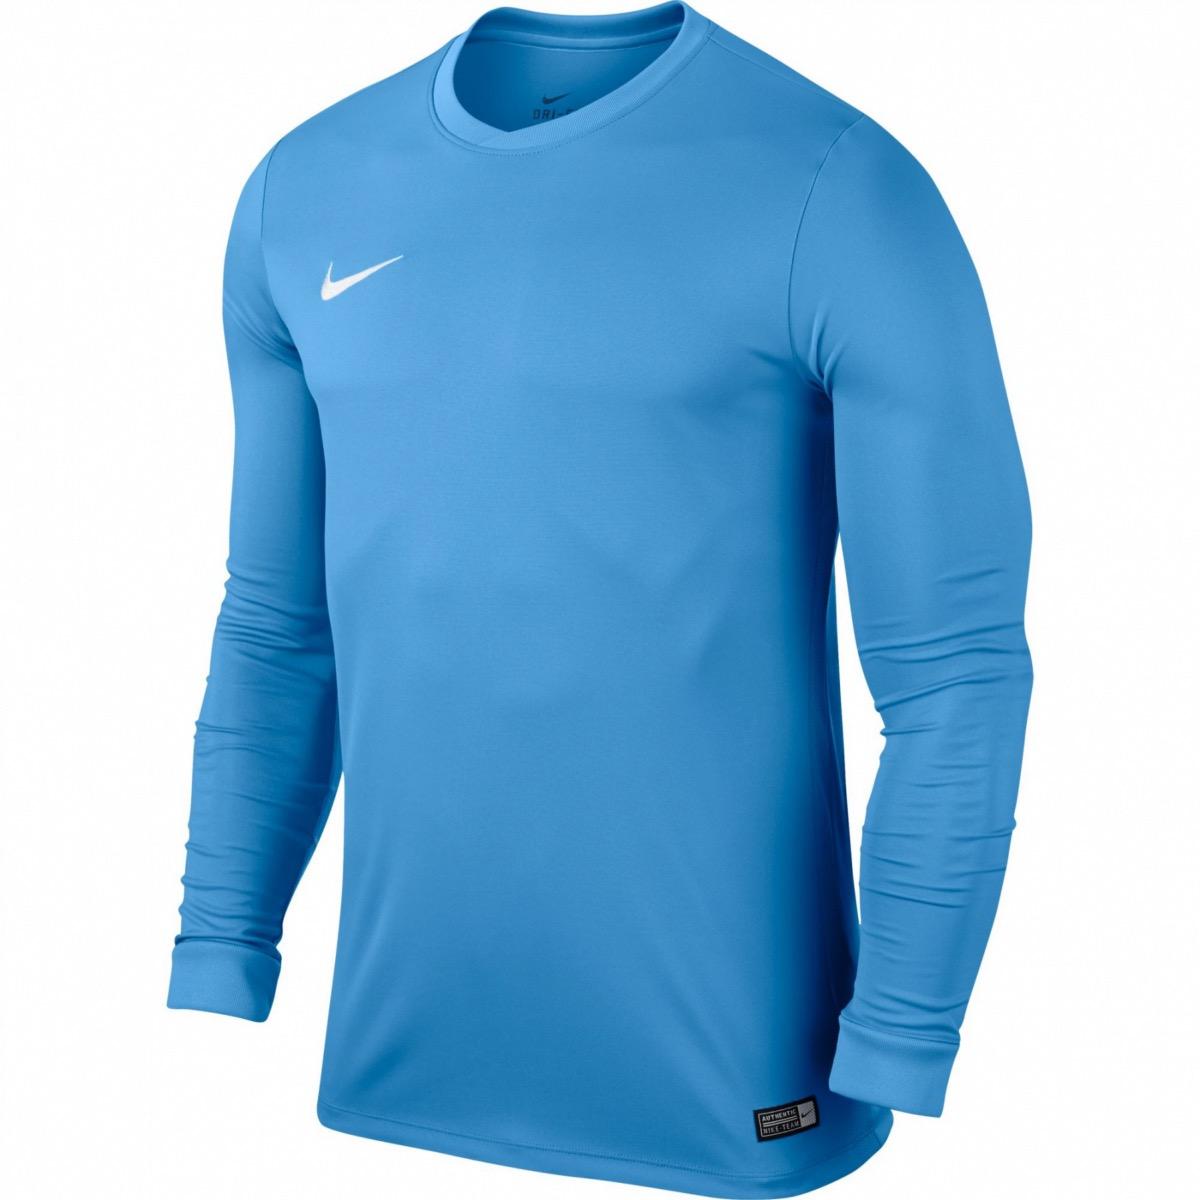 Maillot Nike Park VI Manches longues Ref : 725970 (enfant)